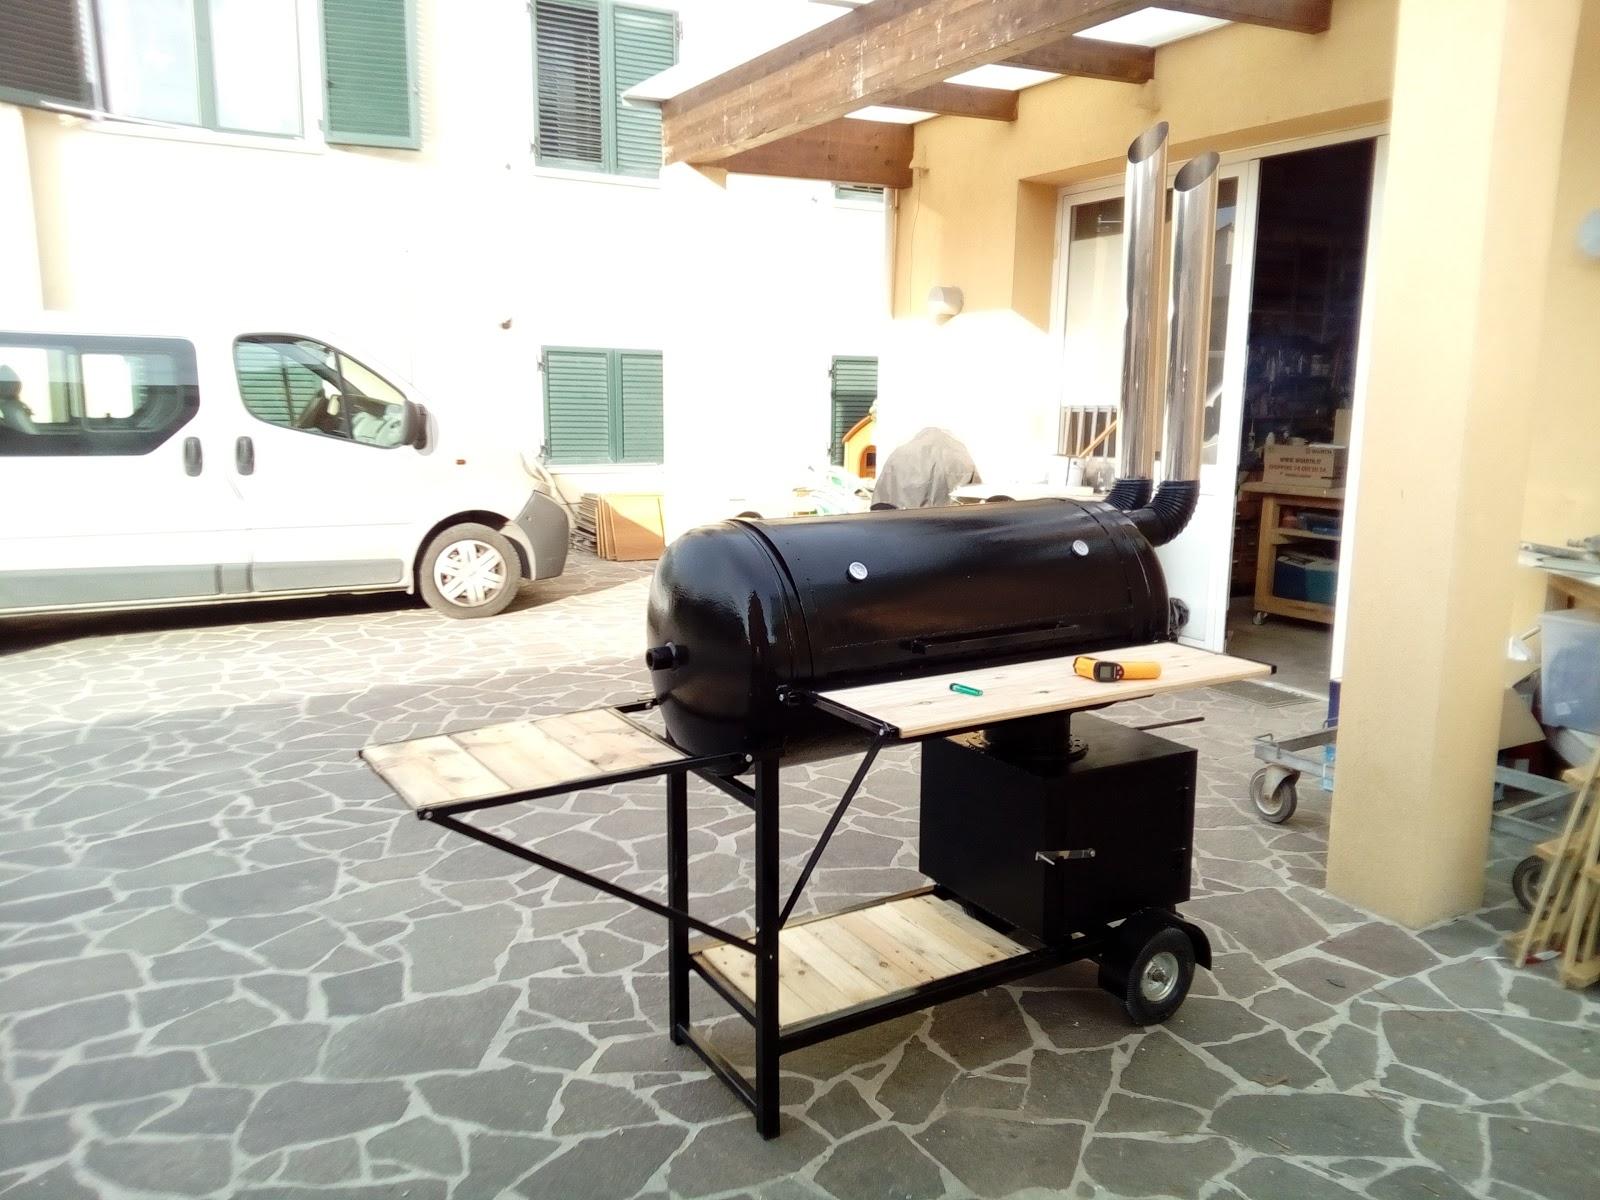 diy progetti diy bbq costruire un barbecue